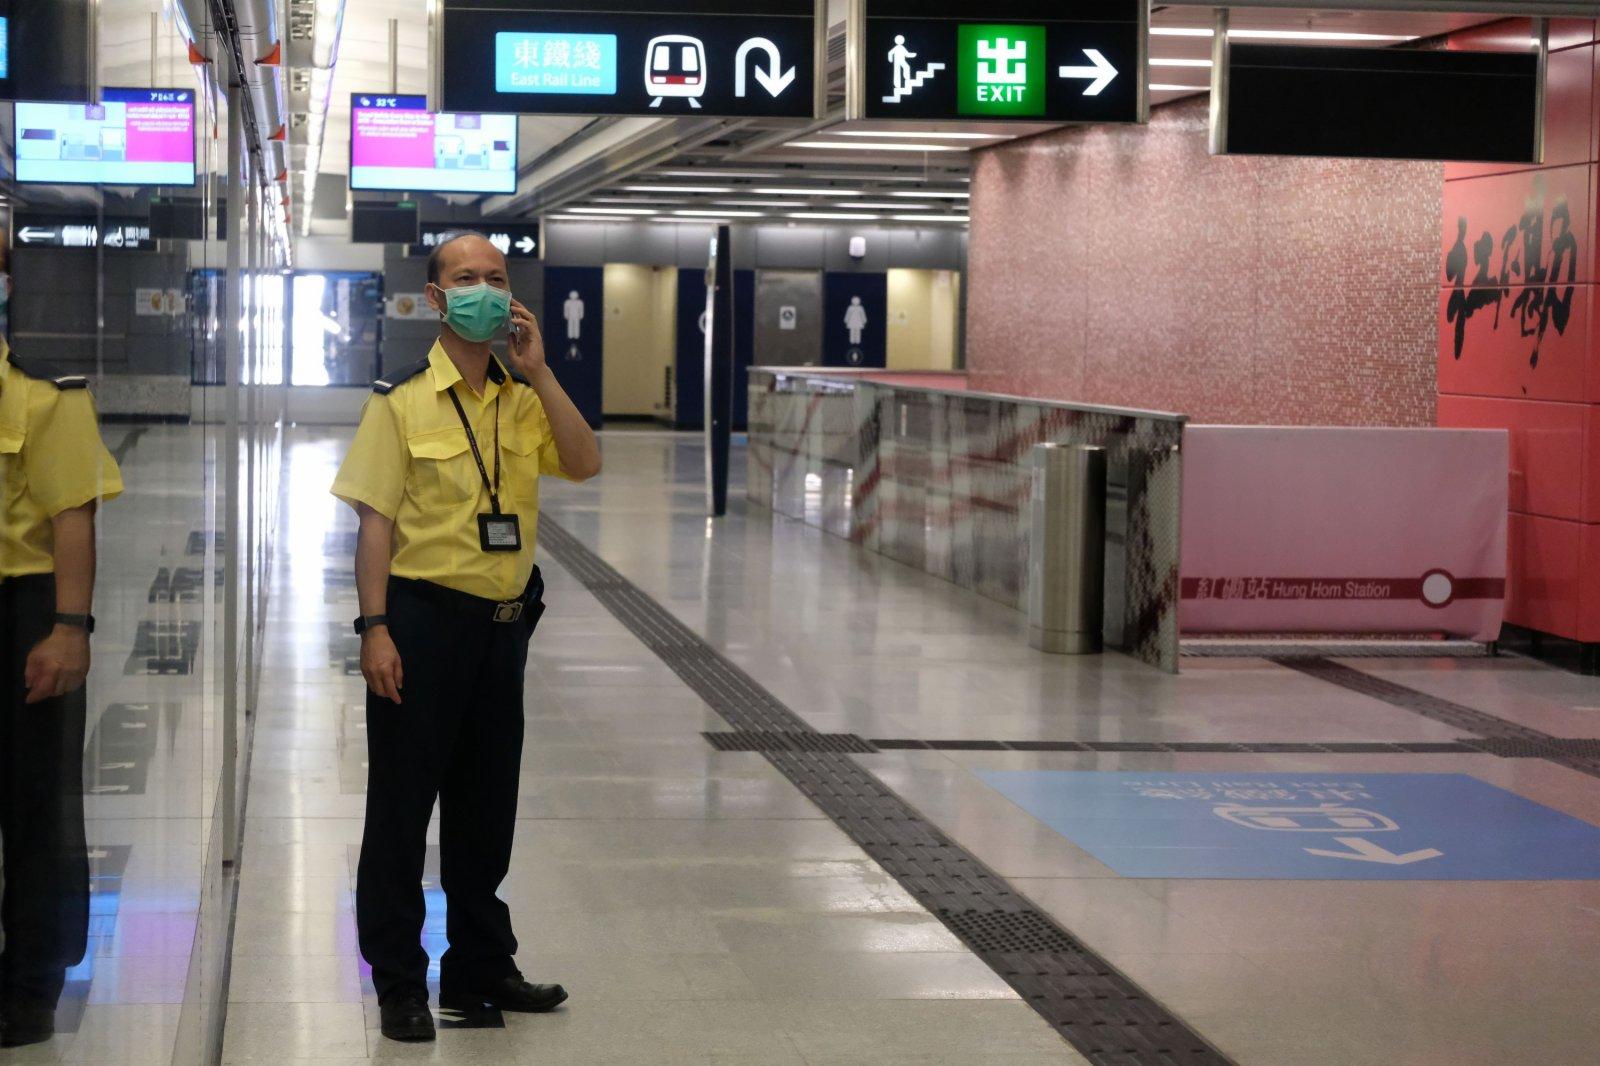 紅磡車站大堂會更新設施,包括重新布局並採用白色設計,令大堂更光猛和時尚。(大公文匯全媒體記者 麥鈞傑 攝)